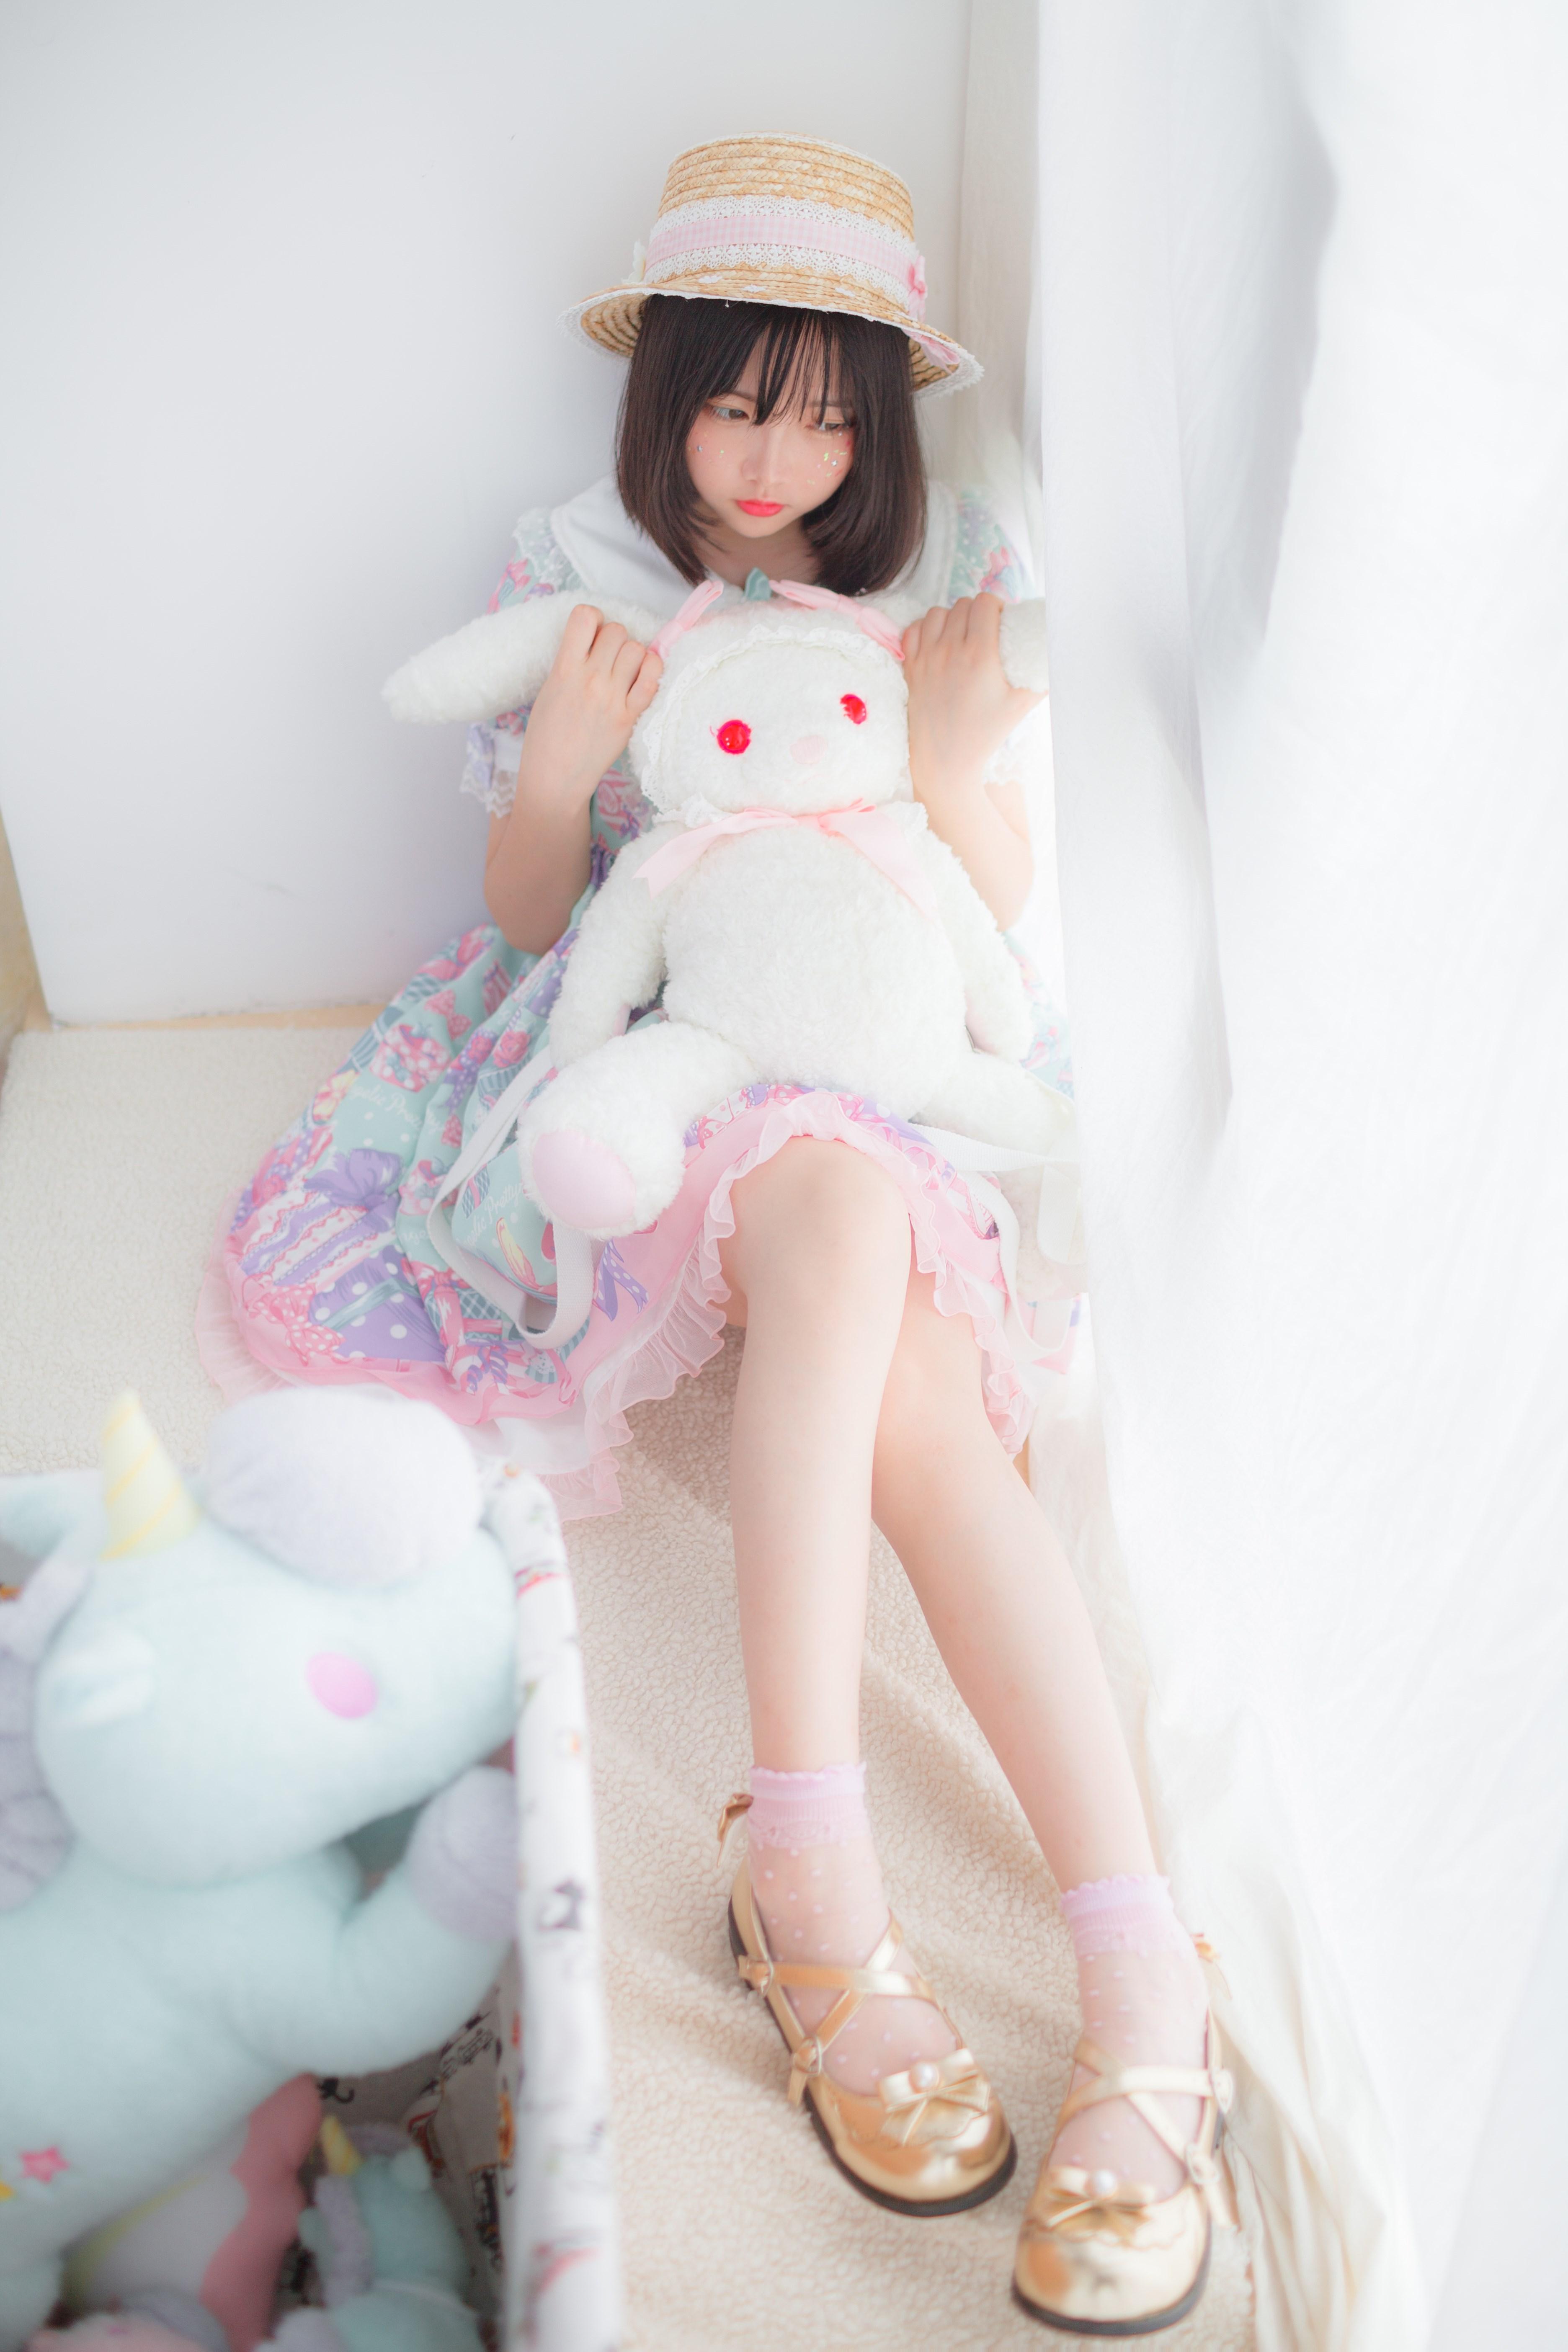 【兔玩映画】软萌小萝莉 兔玩映画 第12张